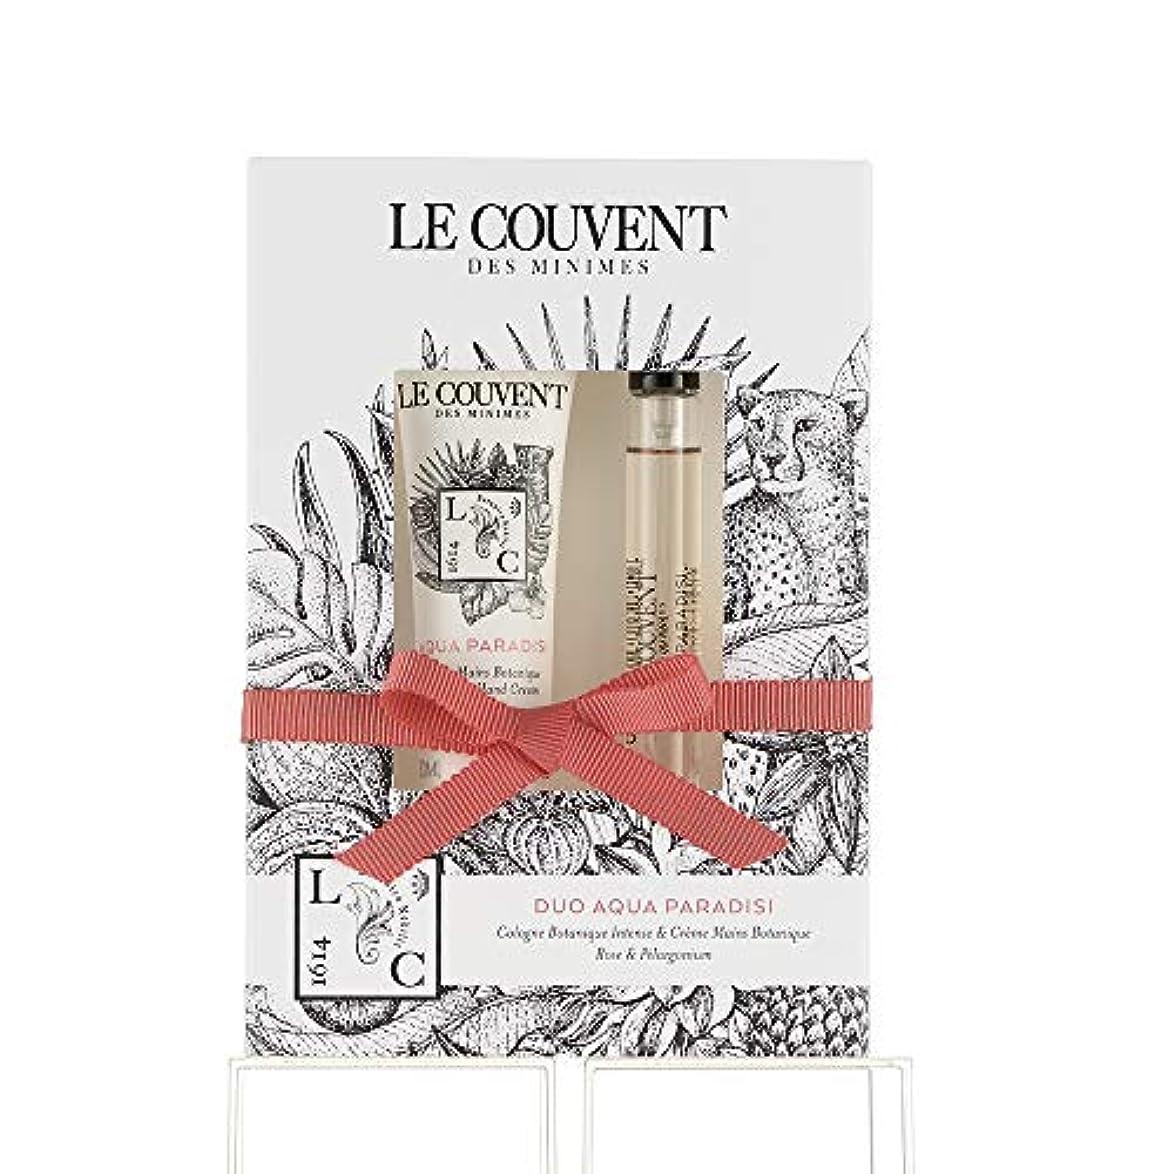 主張する報復チェスをするクヴォン?デ?ミニム(Le Couvent des Minimes) ボタニカルデュオ ボタニカルコロン アクアパラディシ10mL×1、アクアパラディシ ハンドクリーム30g×1